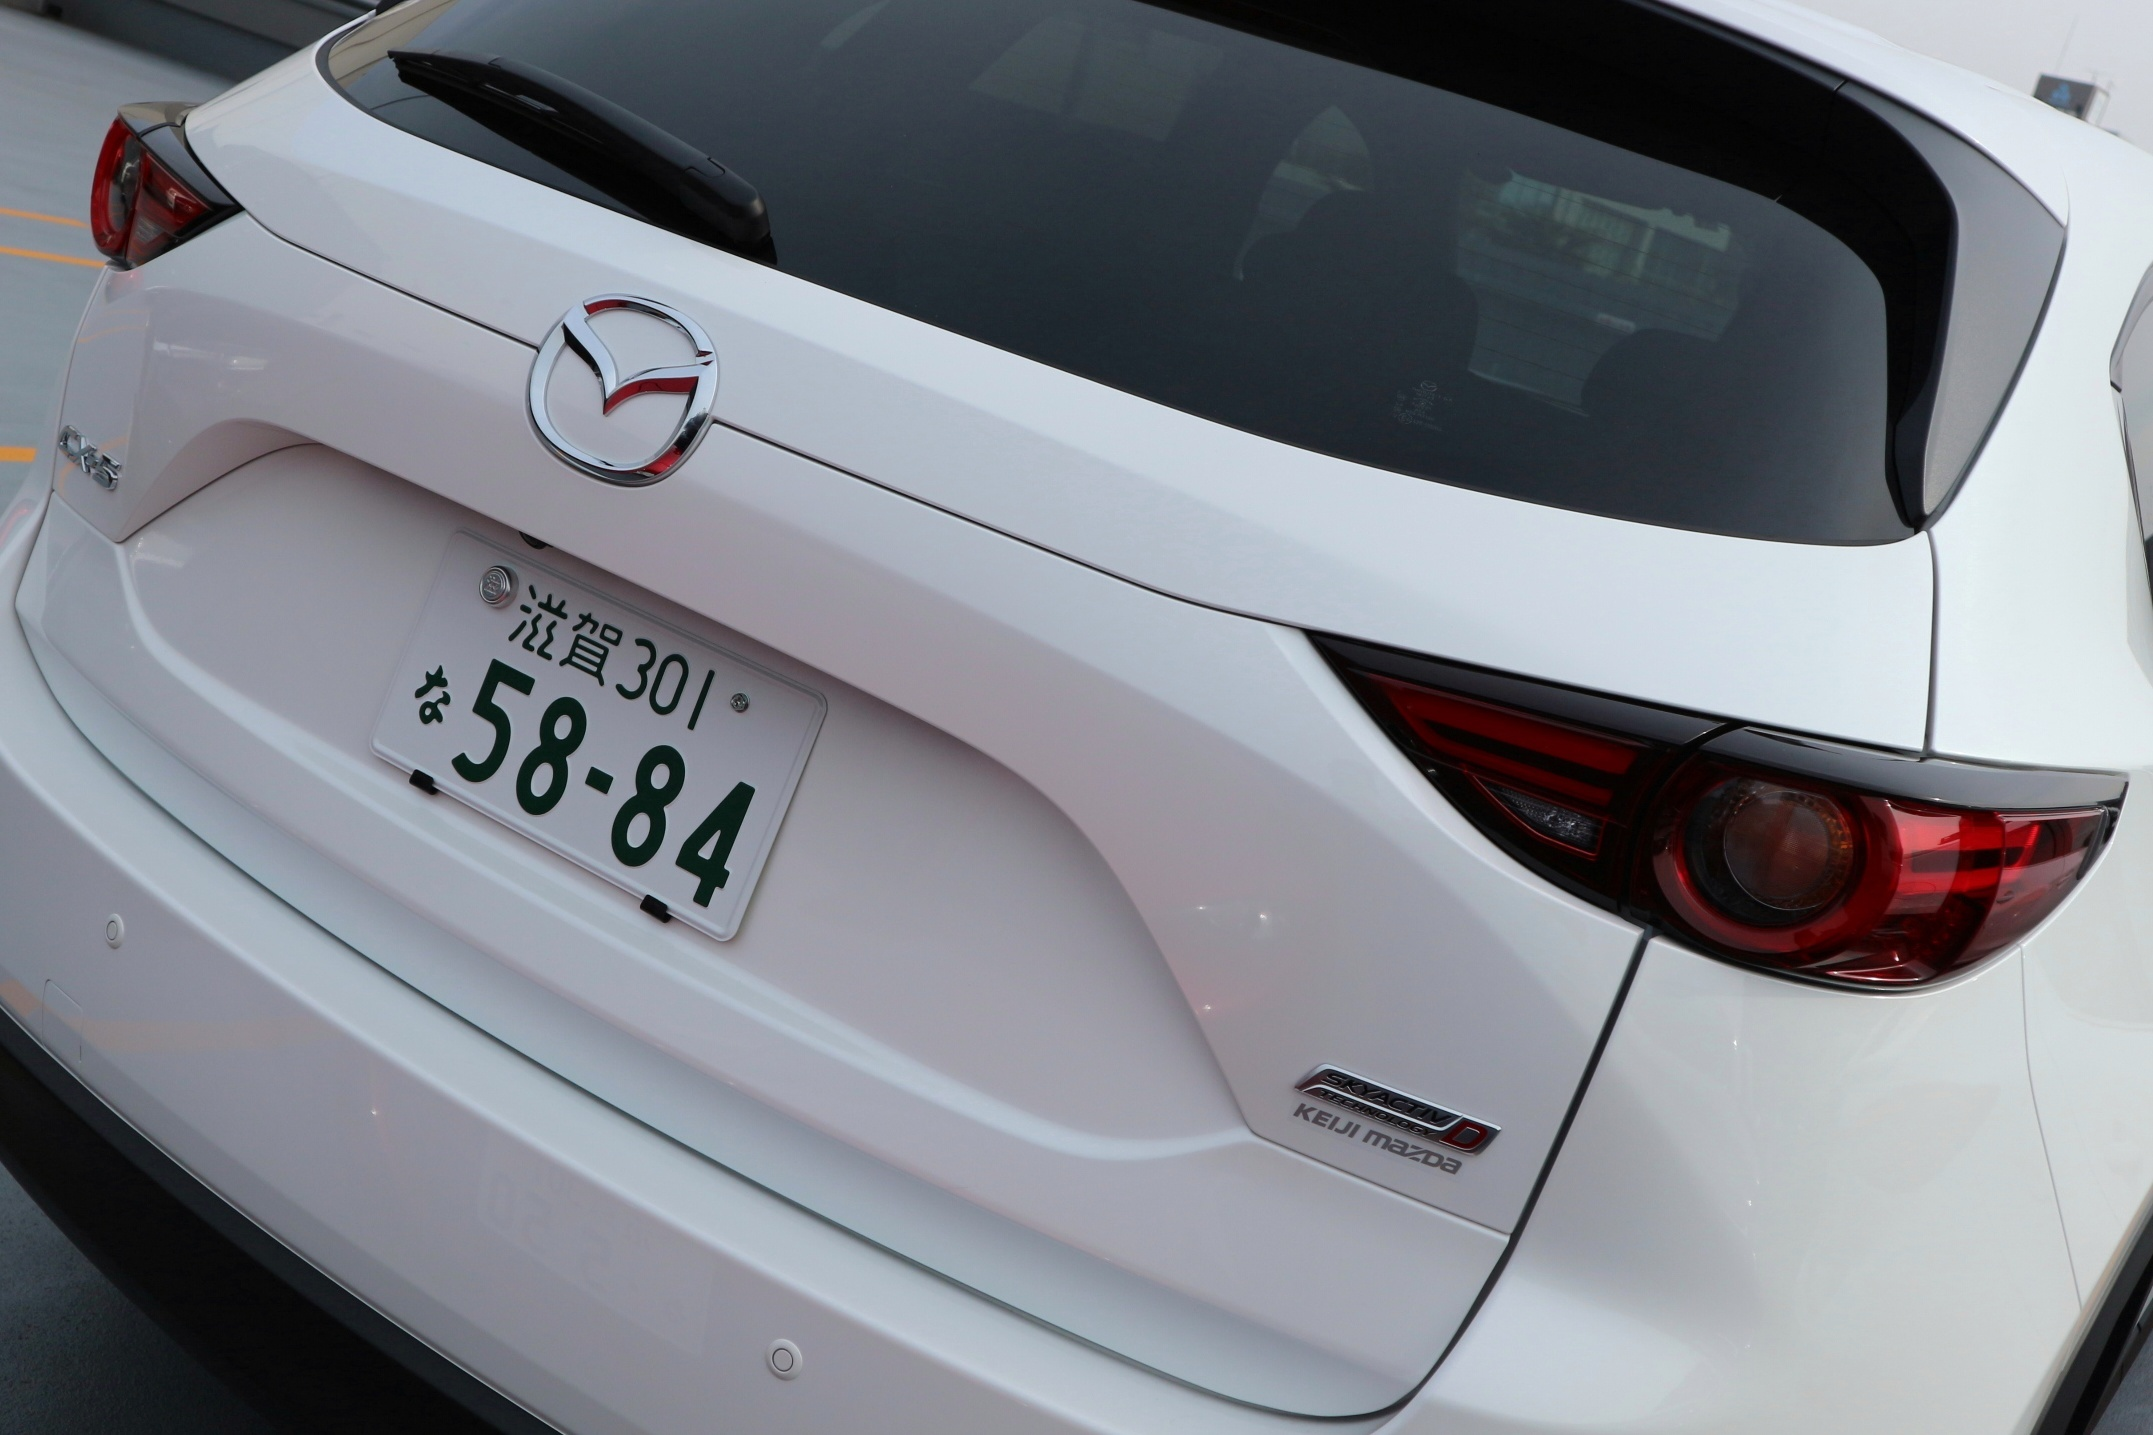 CX538.jpeg